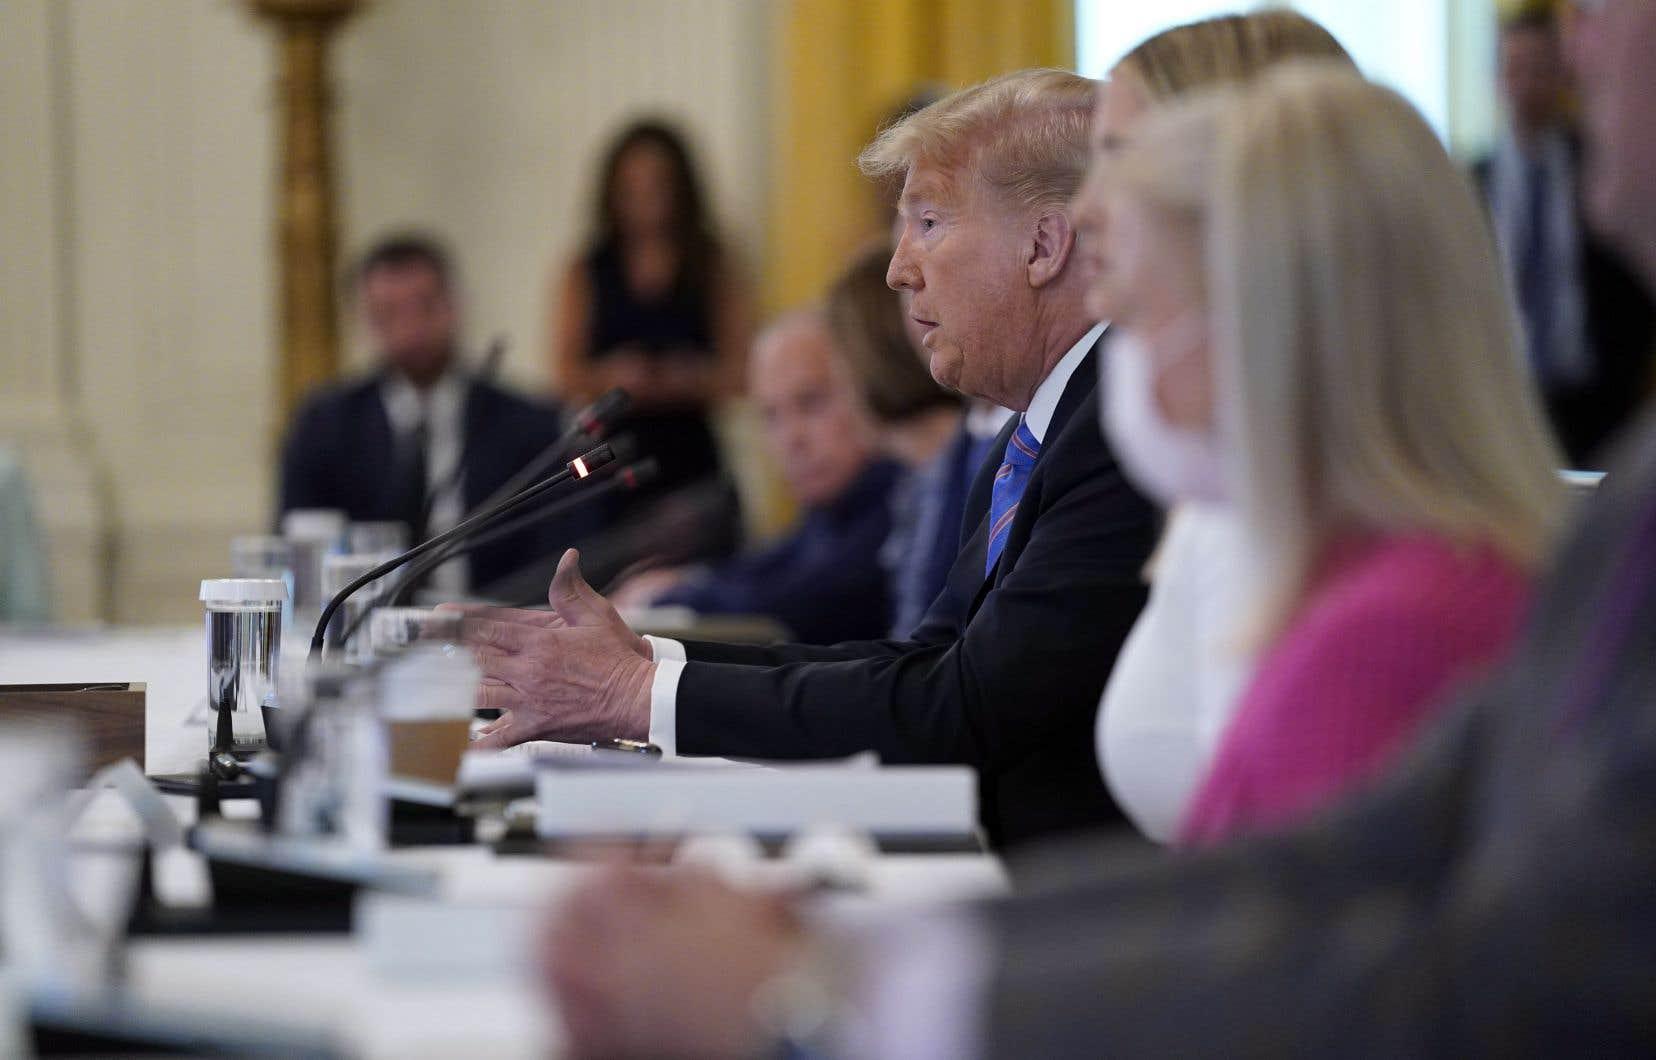 Le président Trump n'est jamais apparu en public portant un masque depuis le début de la pandémie.